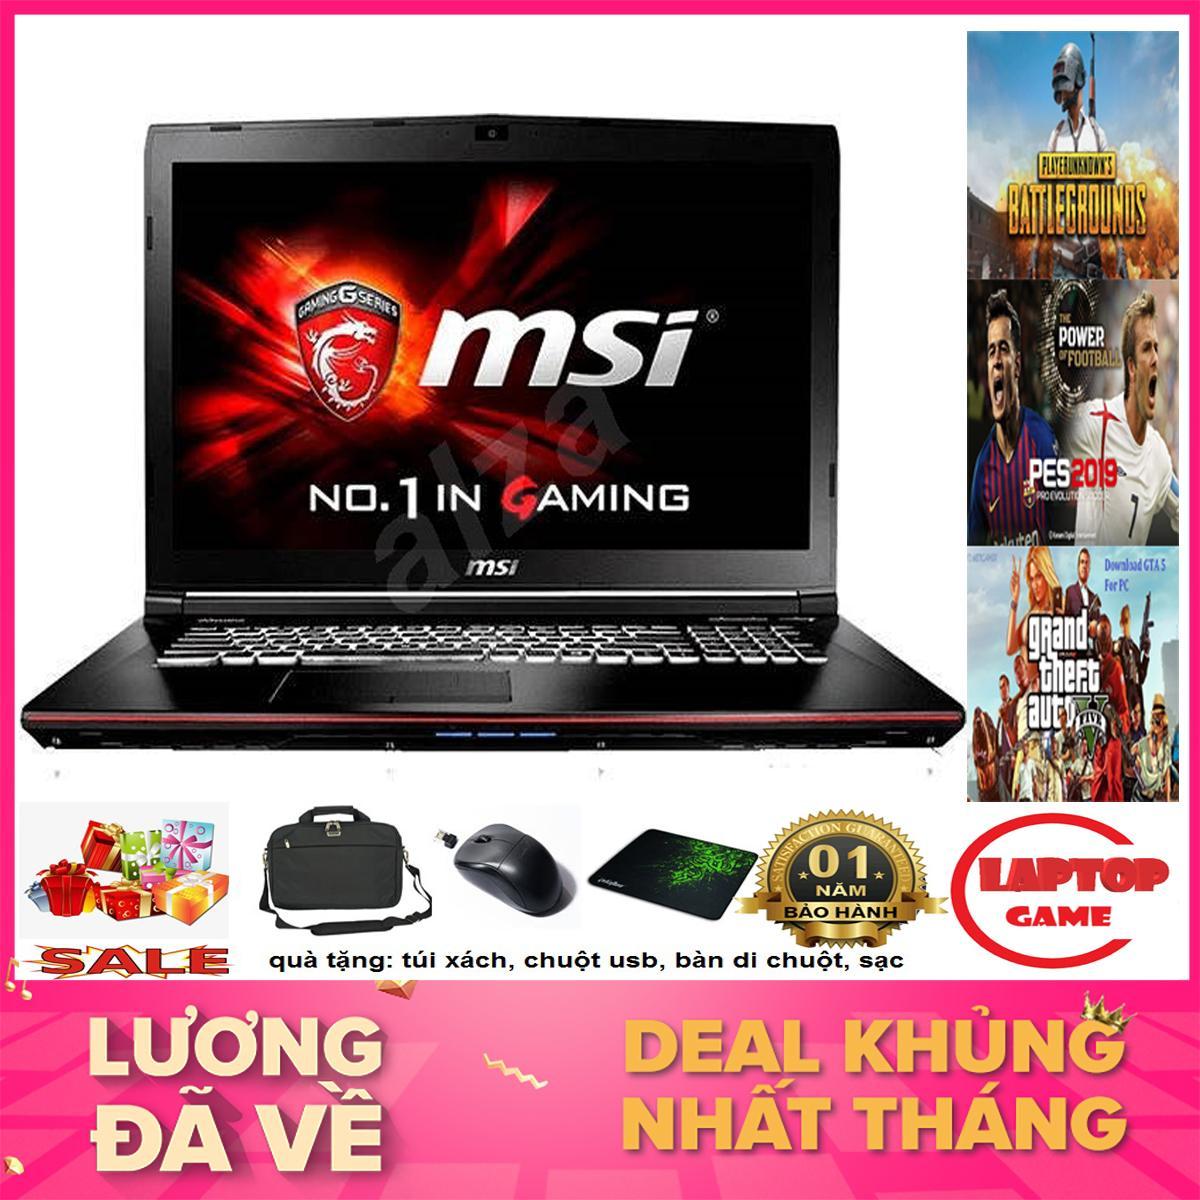 Khủng Game MSI GP62 6QG (Core i7-6700HQ,Cad GTX 965M , RAM 8GB, HDD 1TB, Màn 15.6 inch Full HD )...